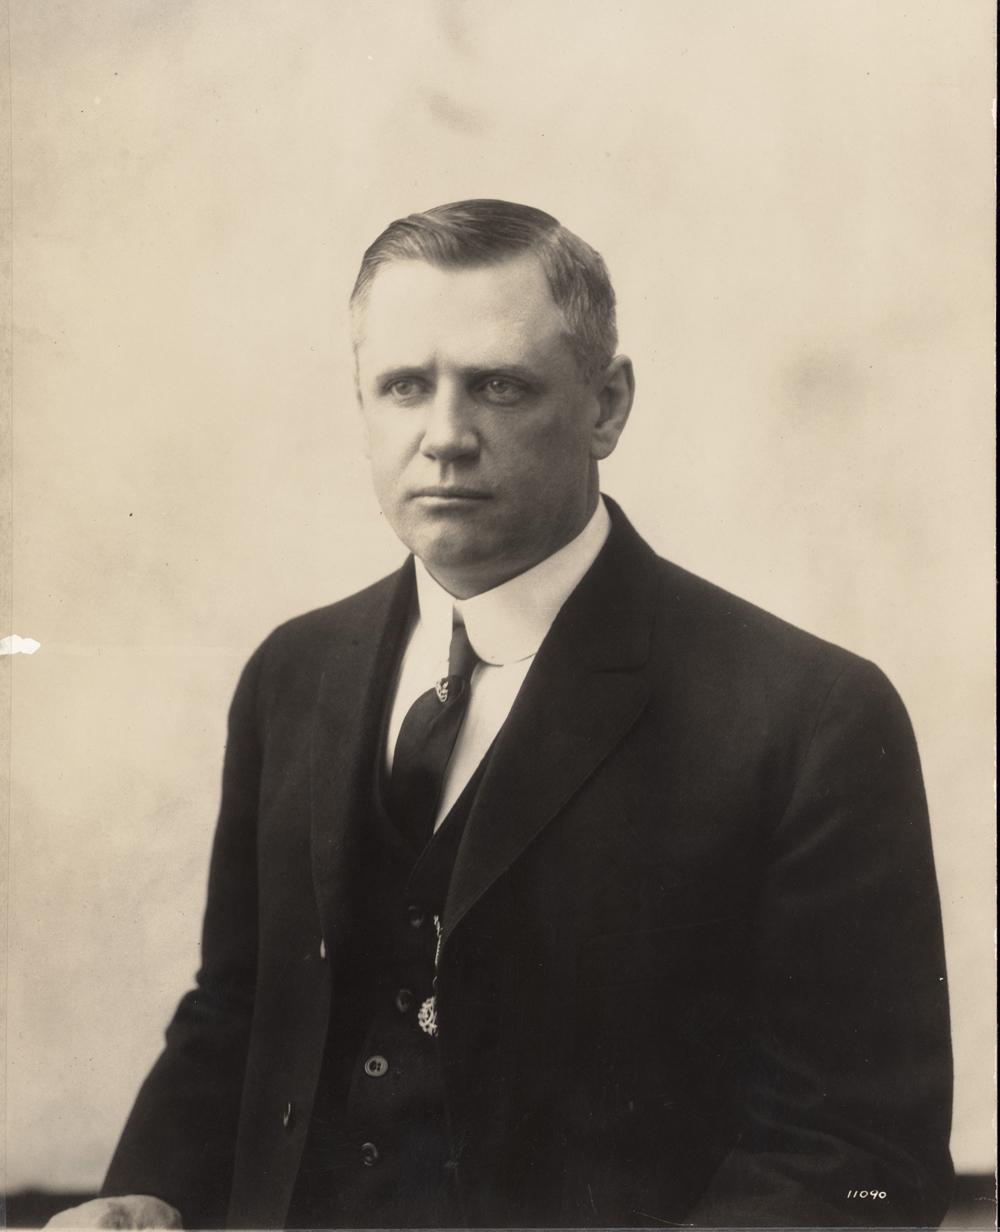 William Davidson